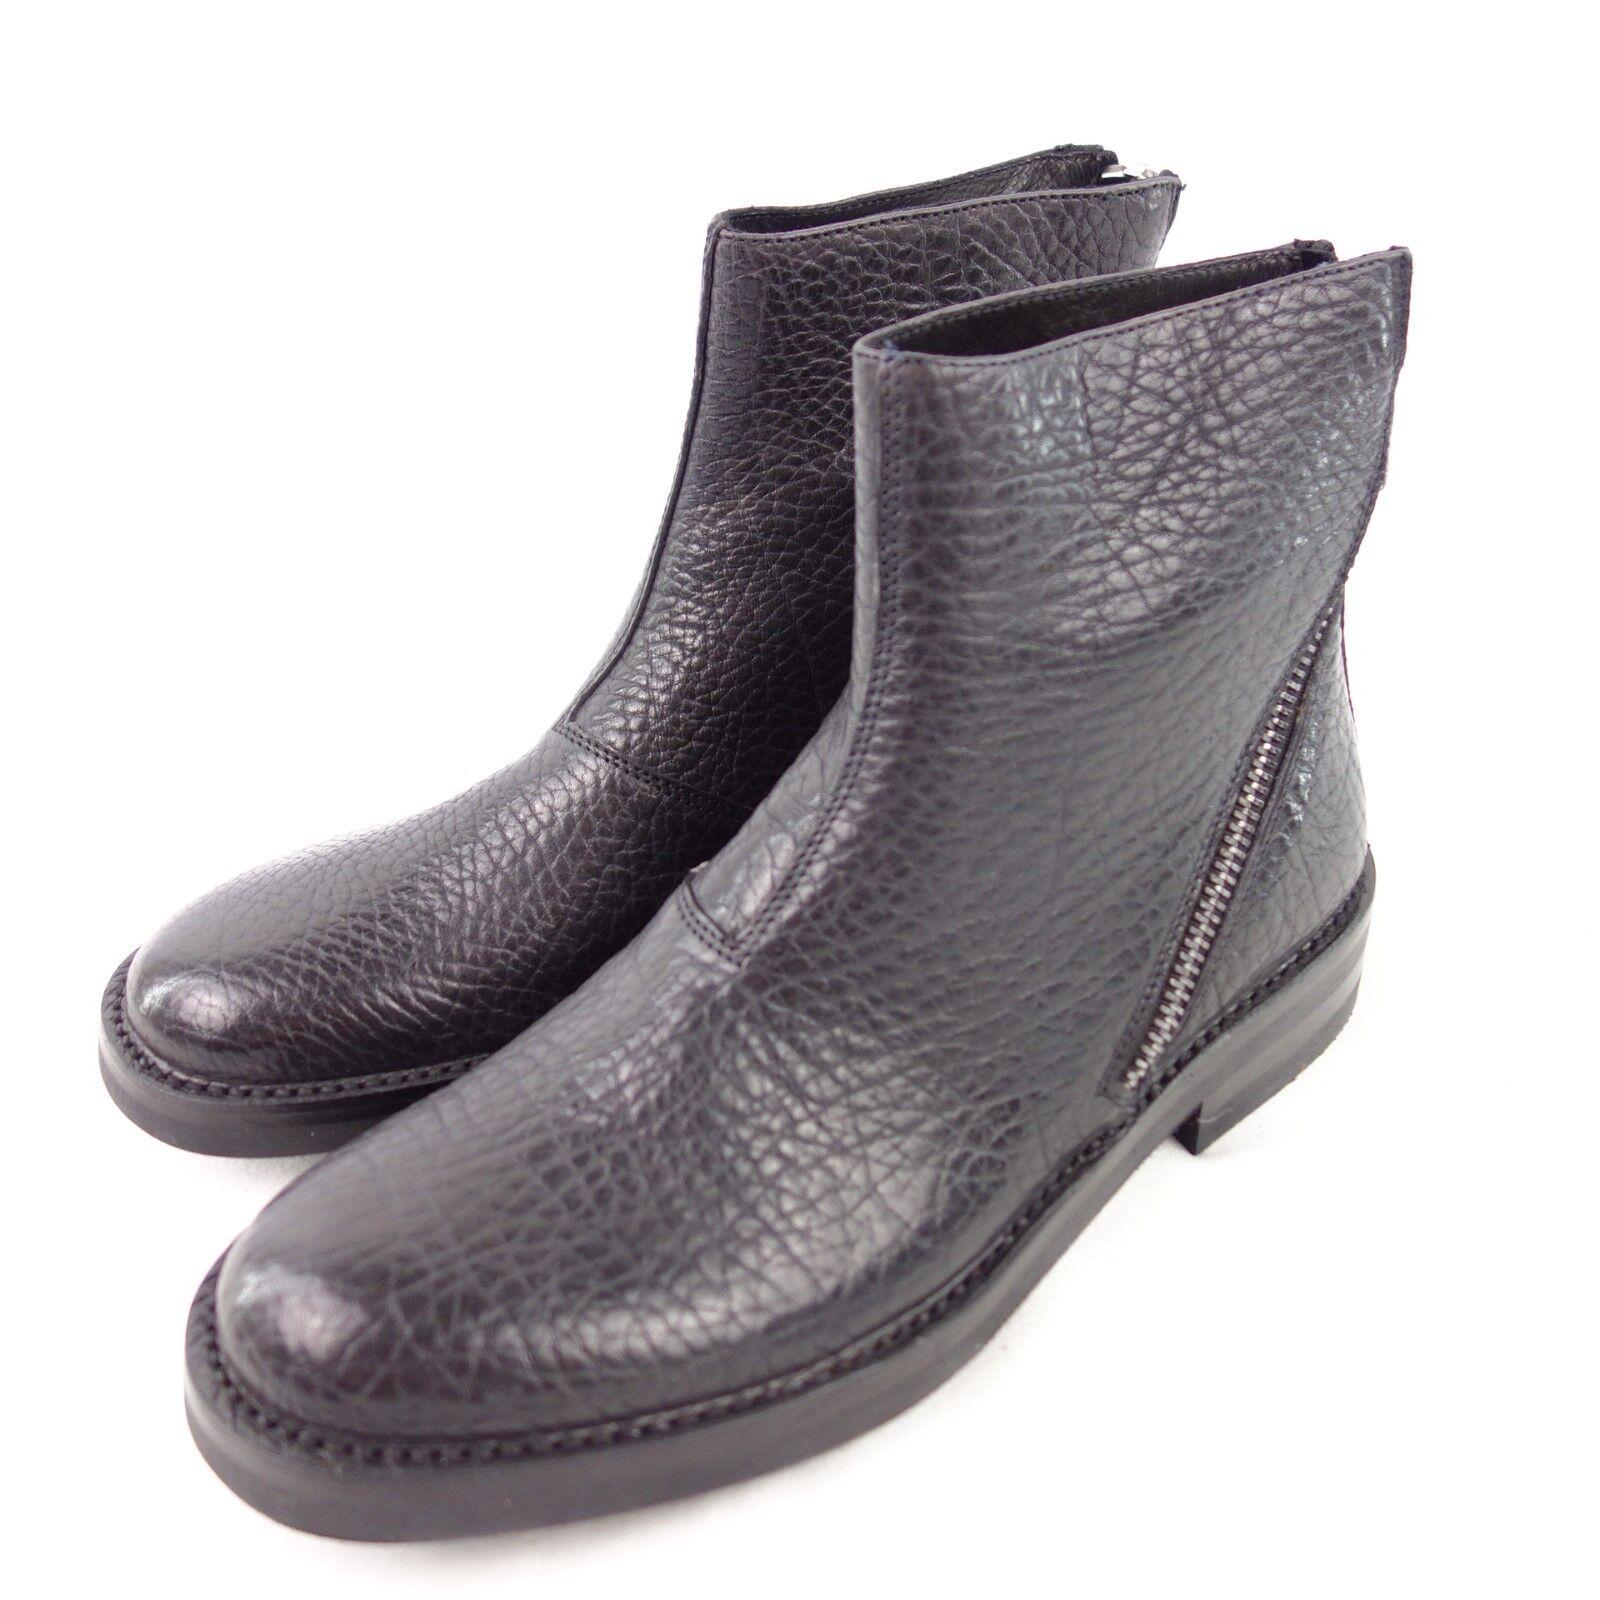 Koil Boots Stivaletti 43 S8302 Gr 41 42 43 Stivaletti 44 45 Nero Scarpe di pelle Np 379 Nuovo 2e7d0f